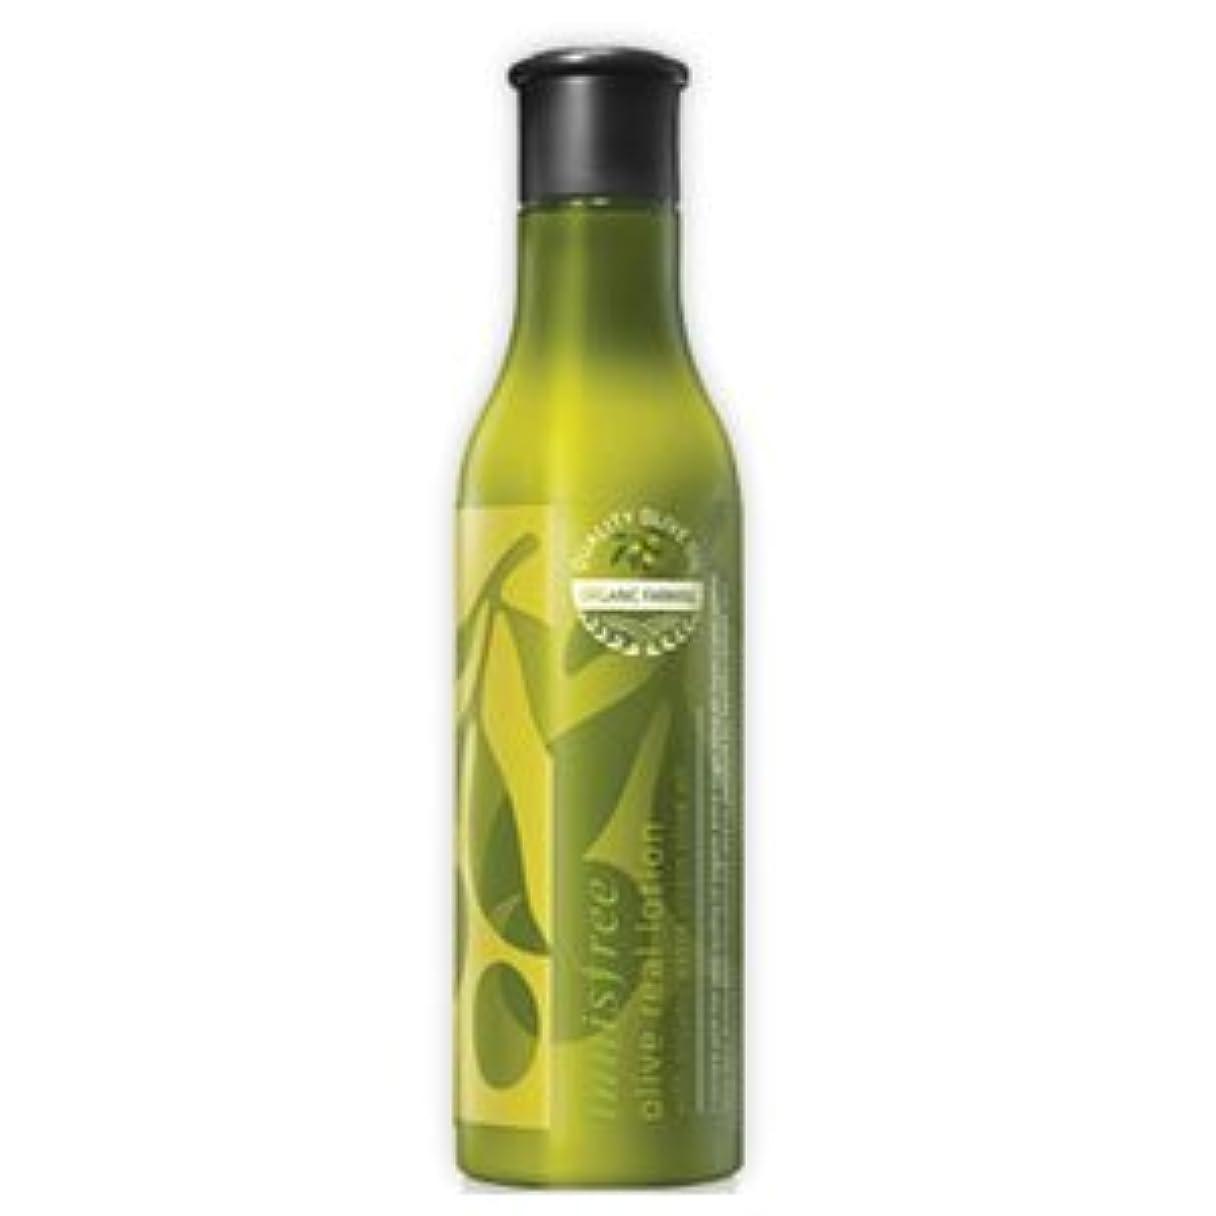 達成するパンダ図innisfree(イニスフリー) 保湿栄養 オリーブリアル ローション 乳液 160ml